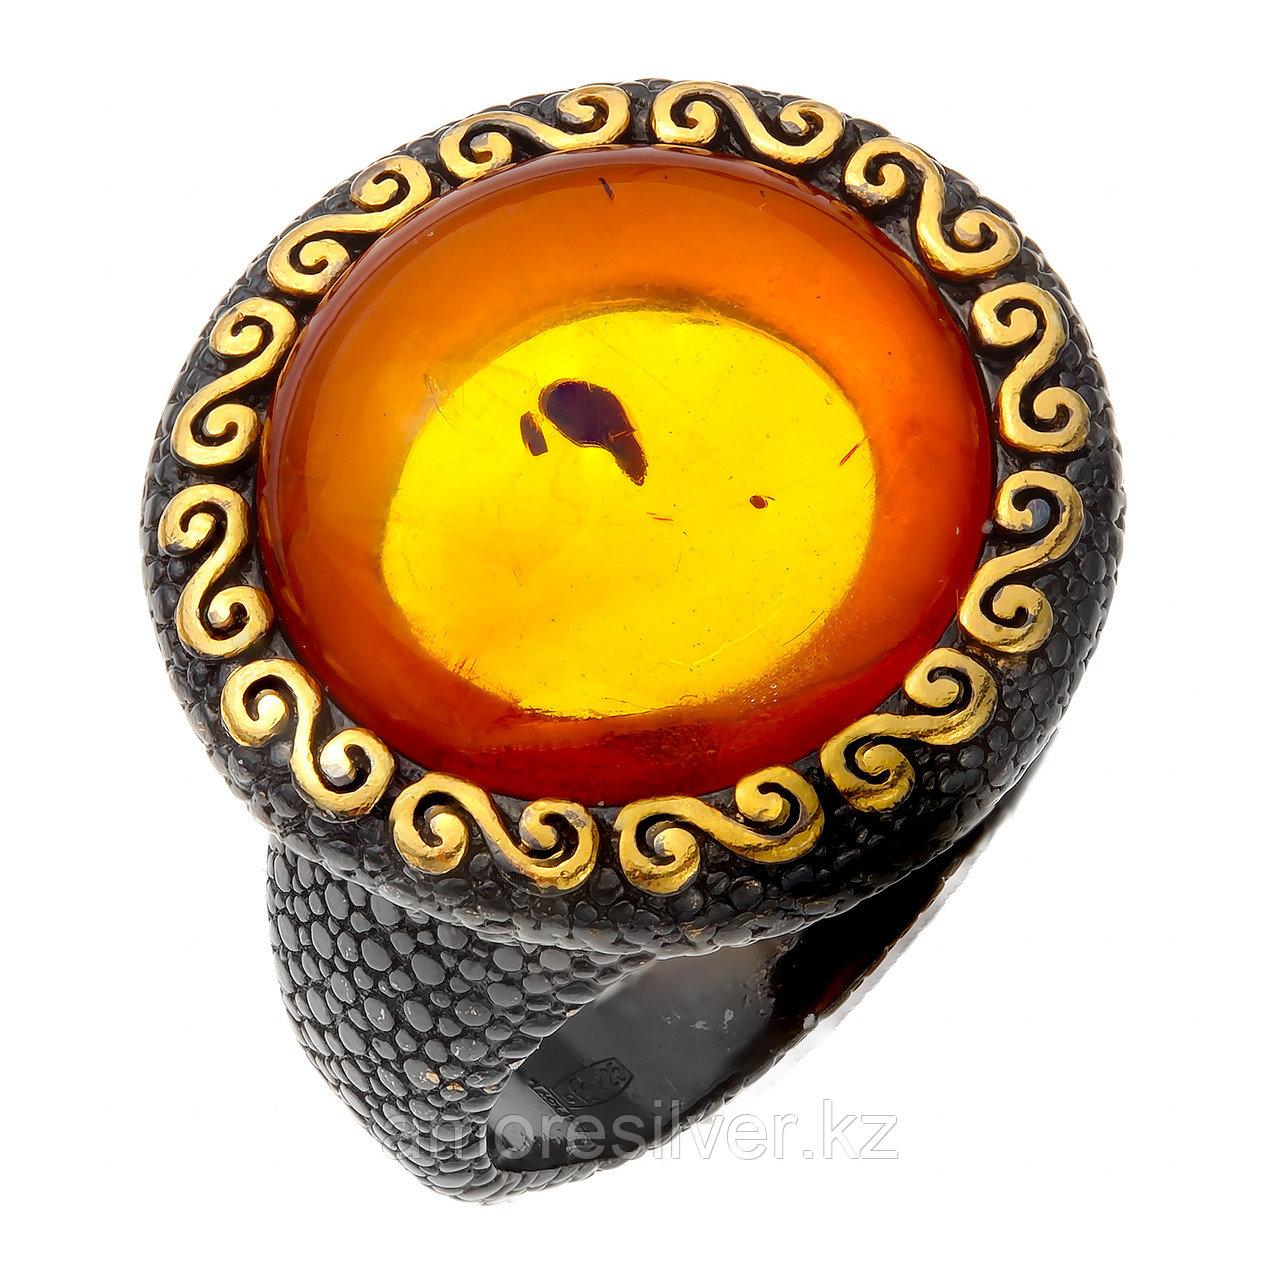 Кольцо Балтийское золото , янтарь, необычное 71131348